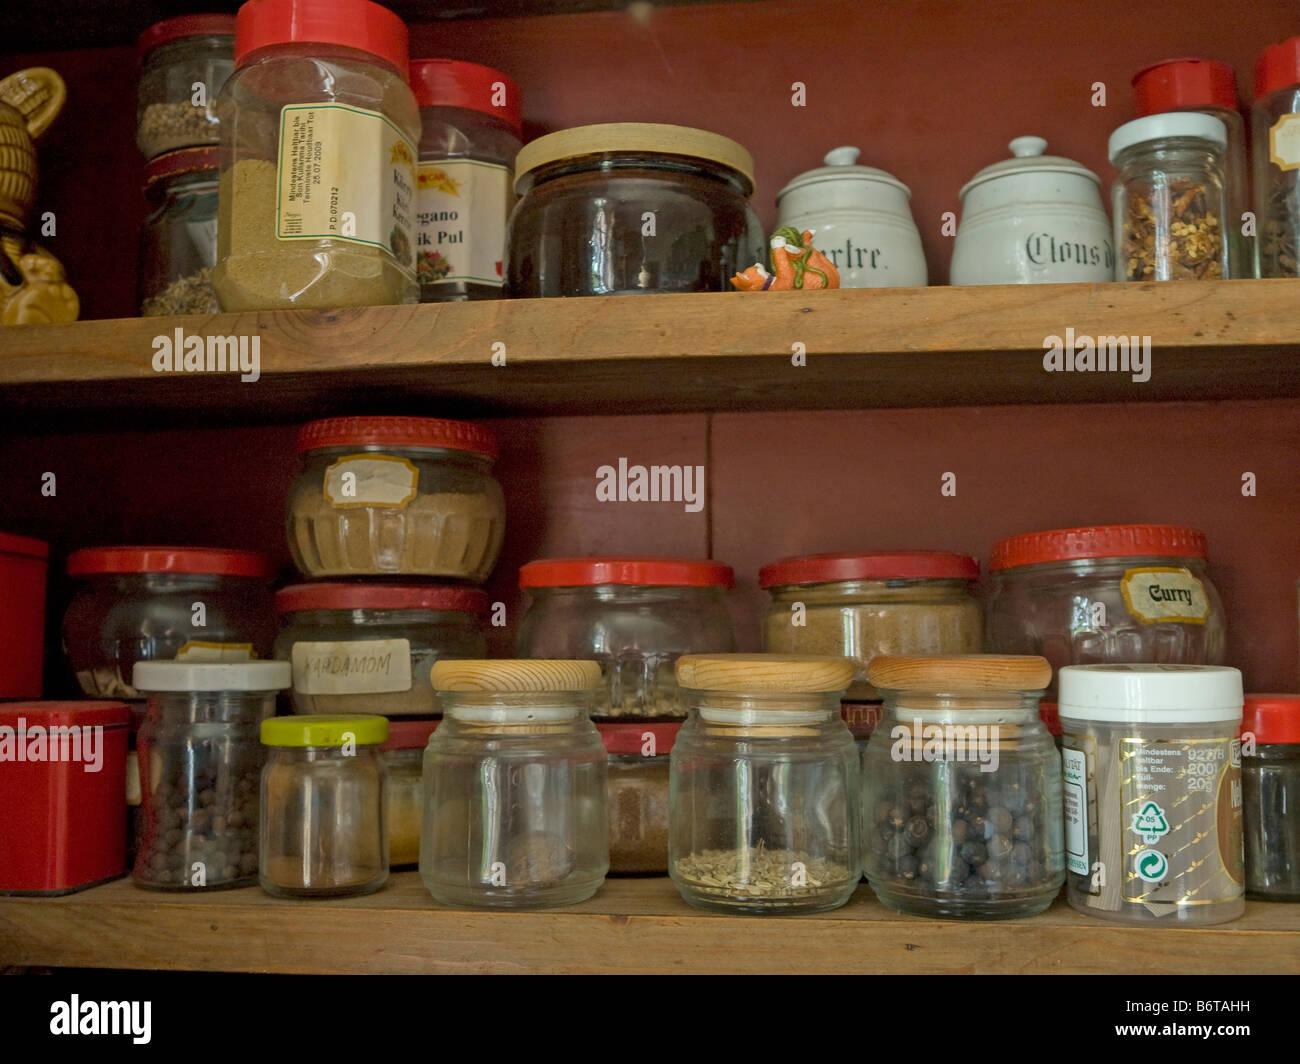 Credenza Con Tazze : Armadio della cucina con gli occhiali immagini